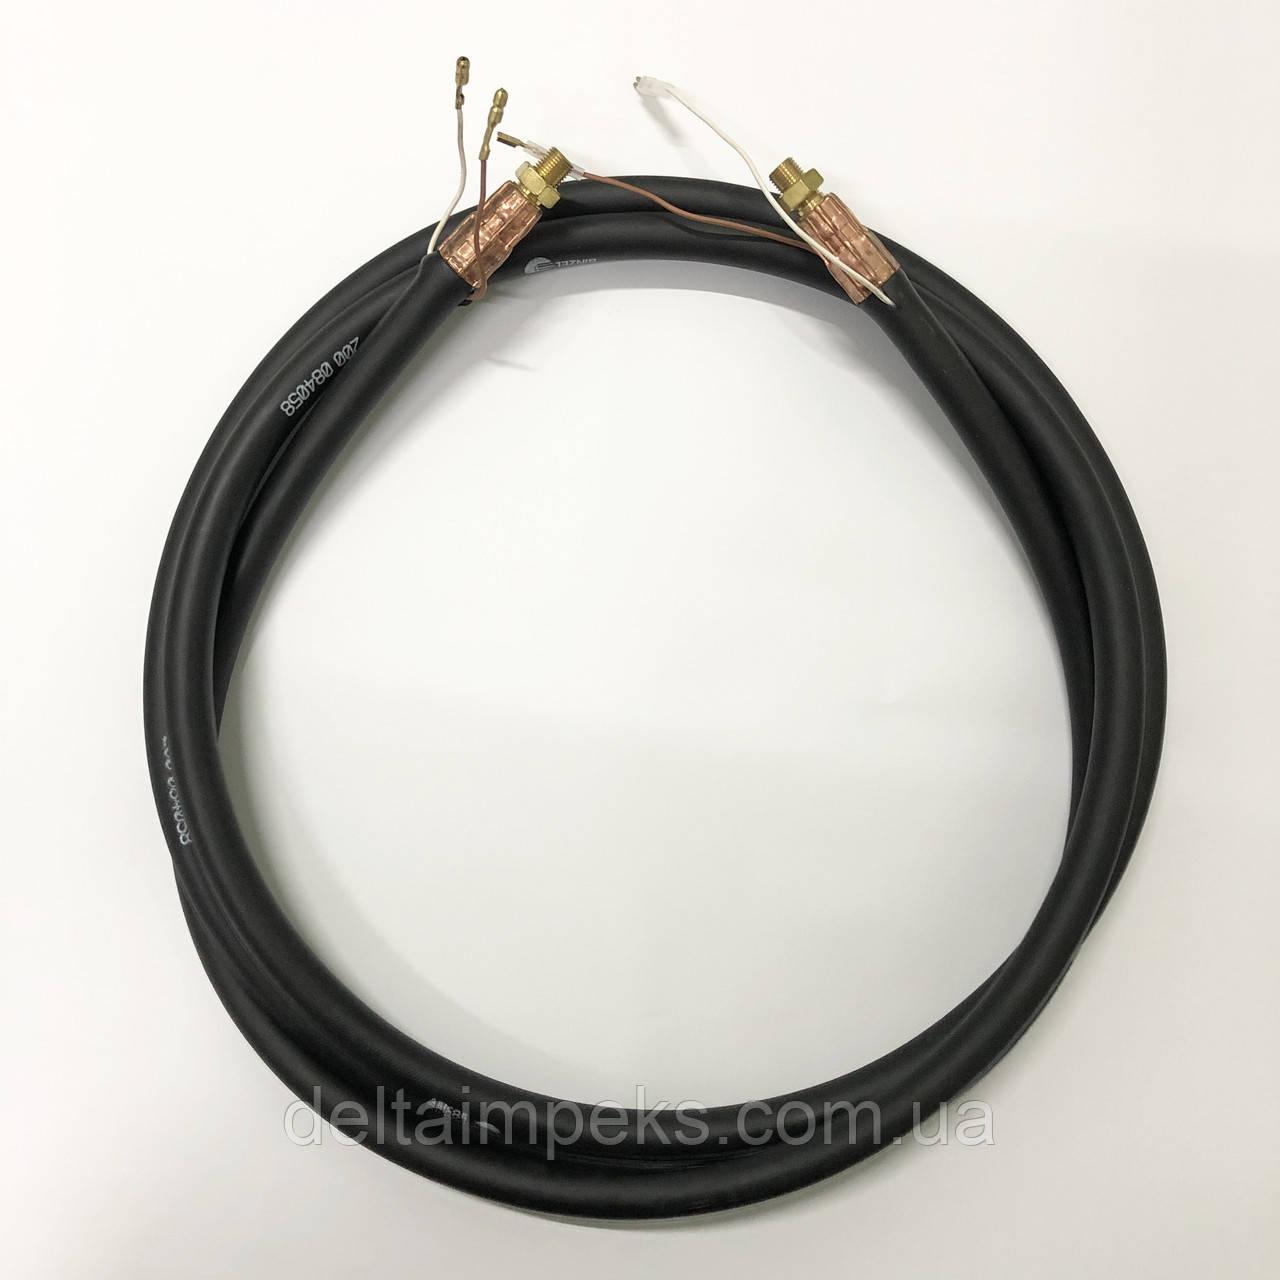 Шланговый пакет для горелки RF 36LC, BIKOX 35 R  2-x пол. 3,00 м